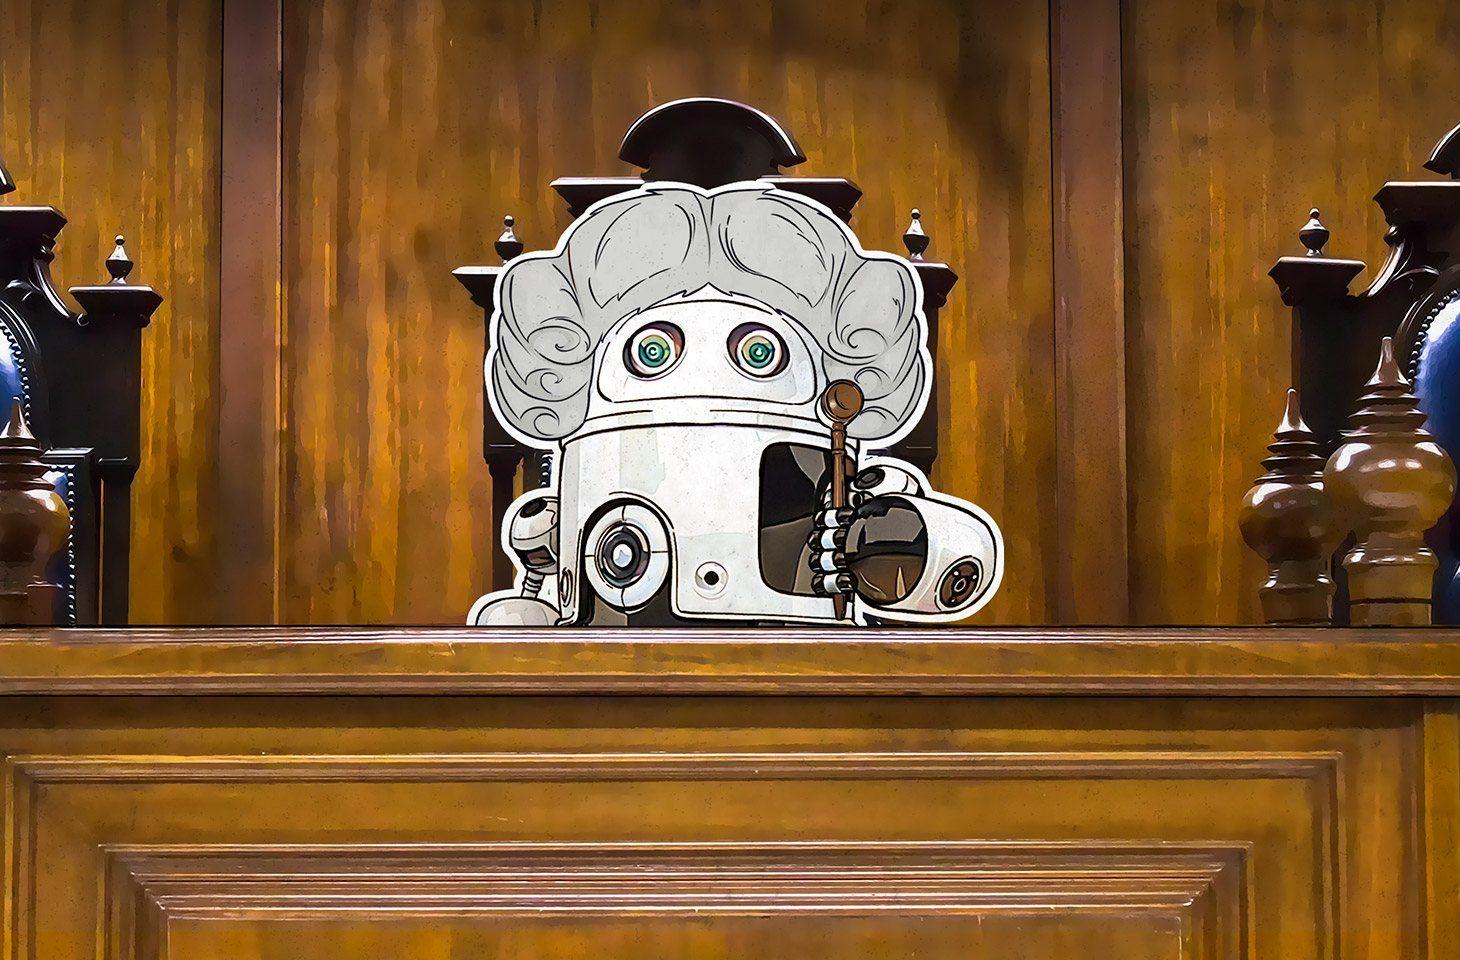 L'Intelligenza Artificiale aiuta giudici, polizia e medici. Ma come si sviluppa il processo decisionale alla base di tali tecnologie?